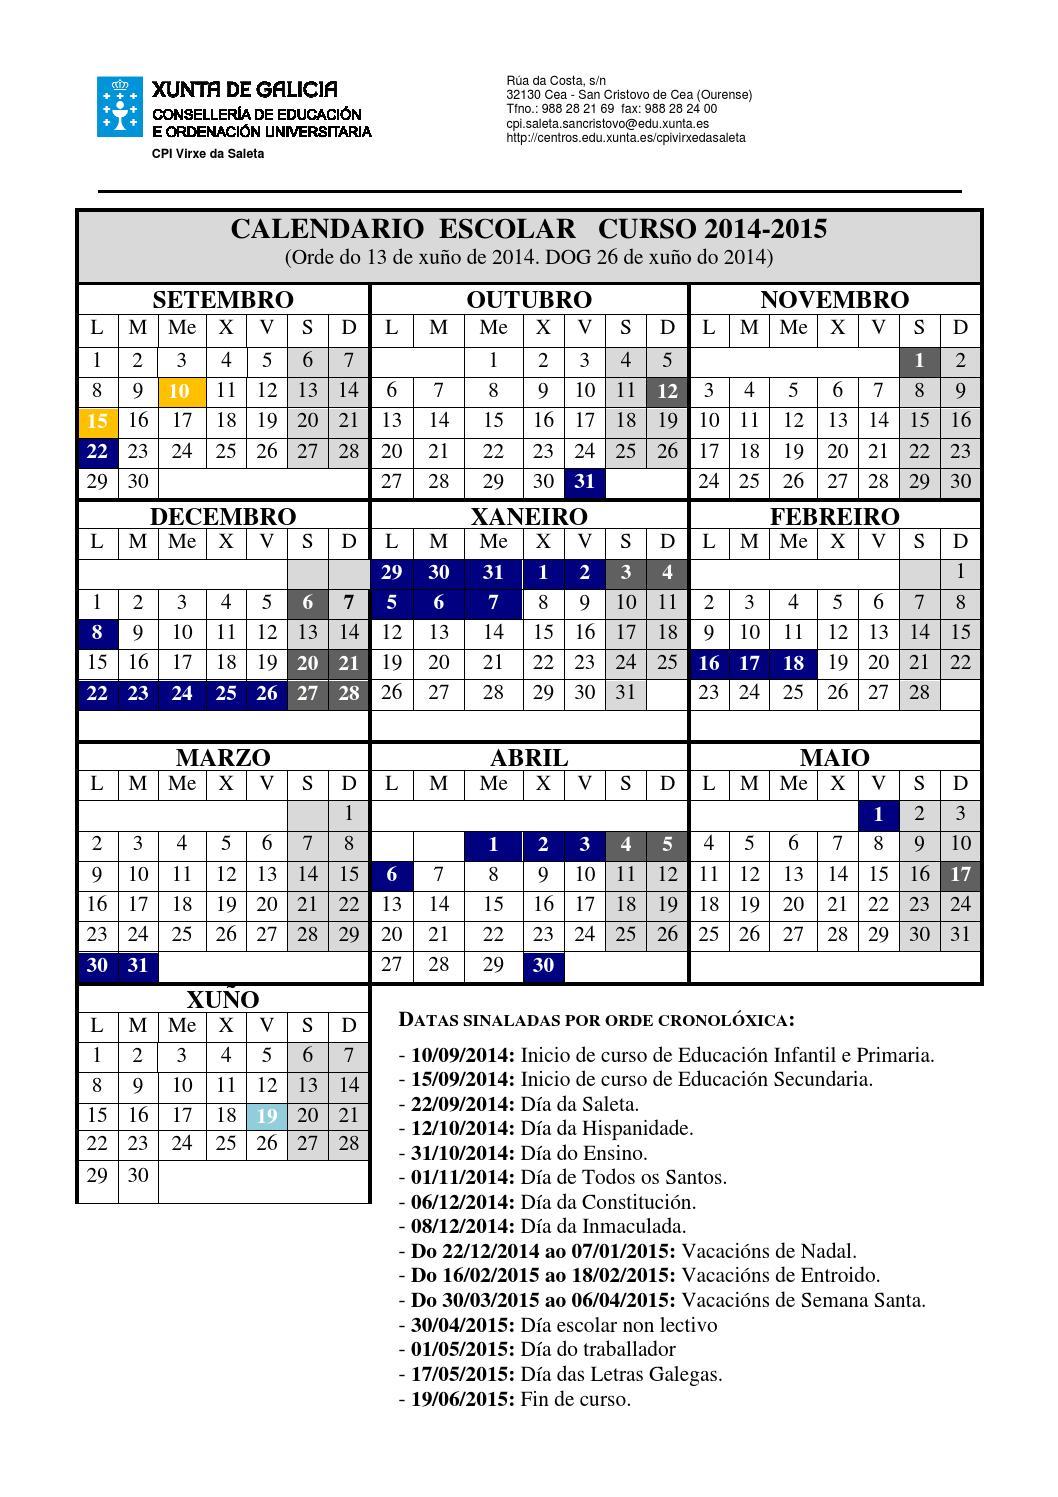 Calendario Escolar Xunta.Calendario Escolar 2014 2015 By O Cole De Cea Issuu